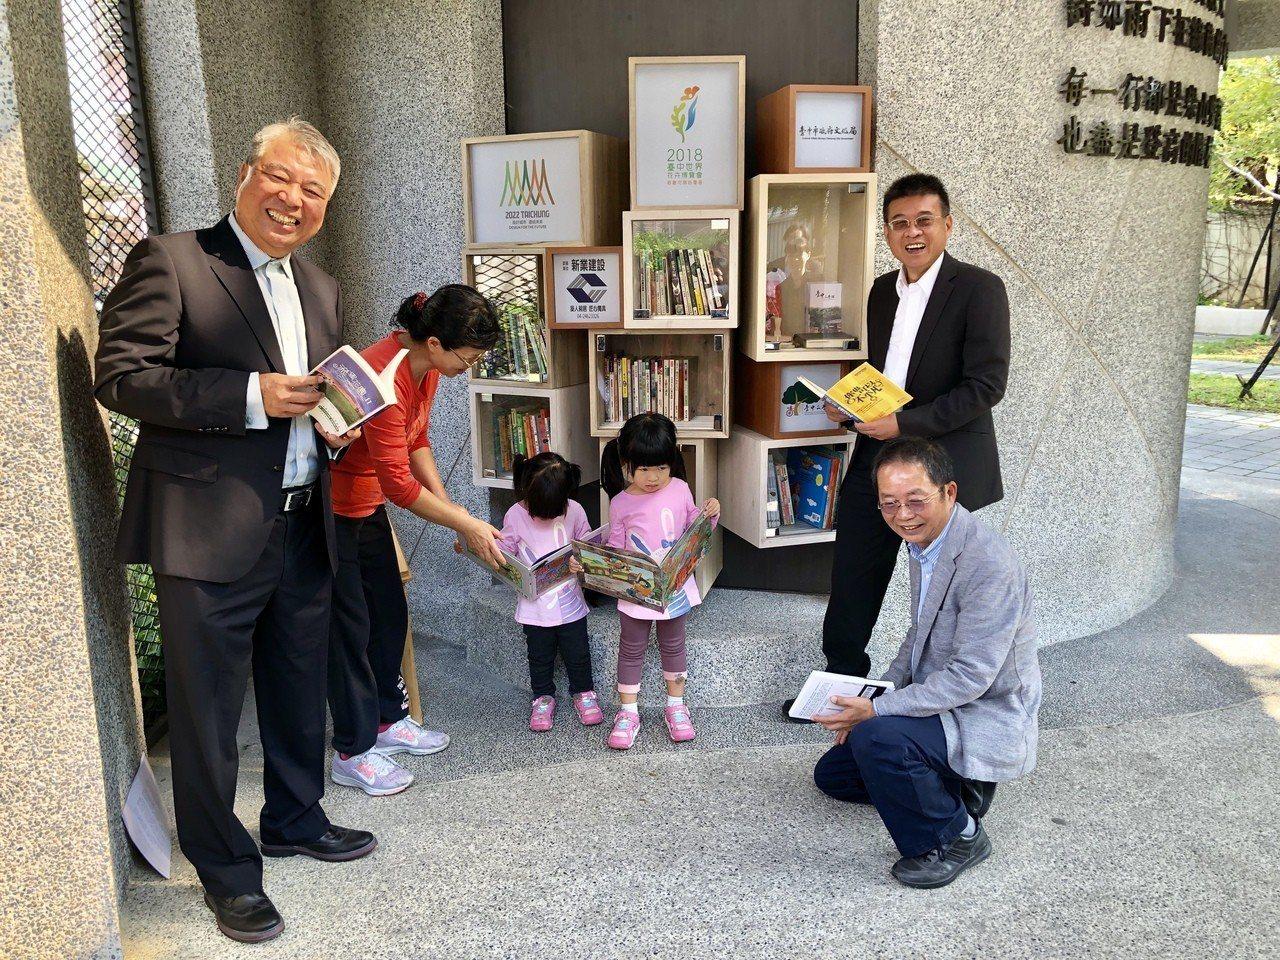 新業在台中文學館認養的書席,很受小朋友及家長歡迎。記者宋健生/攝影